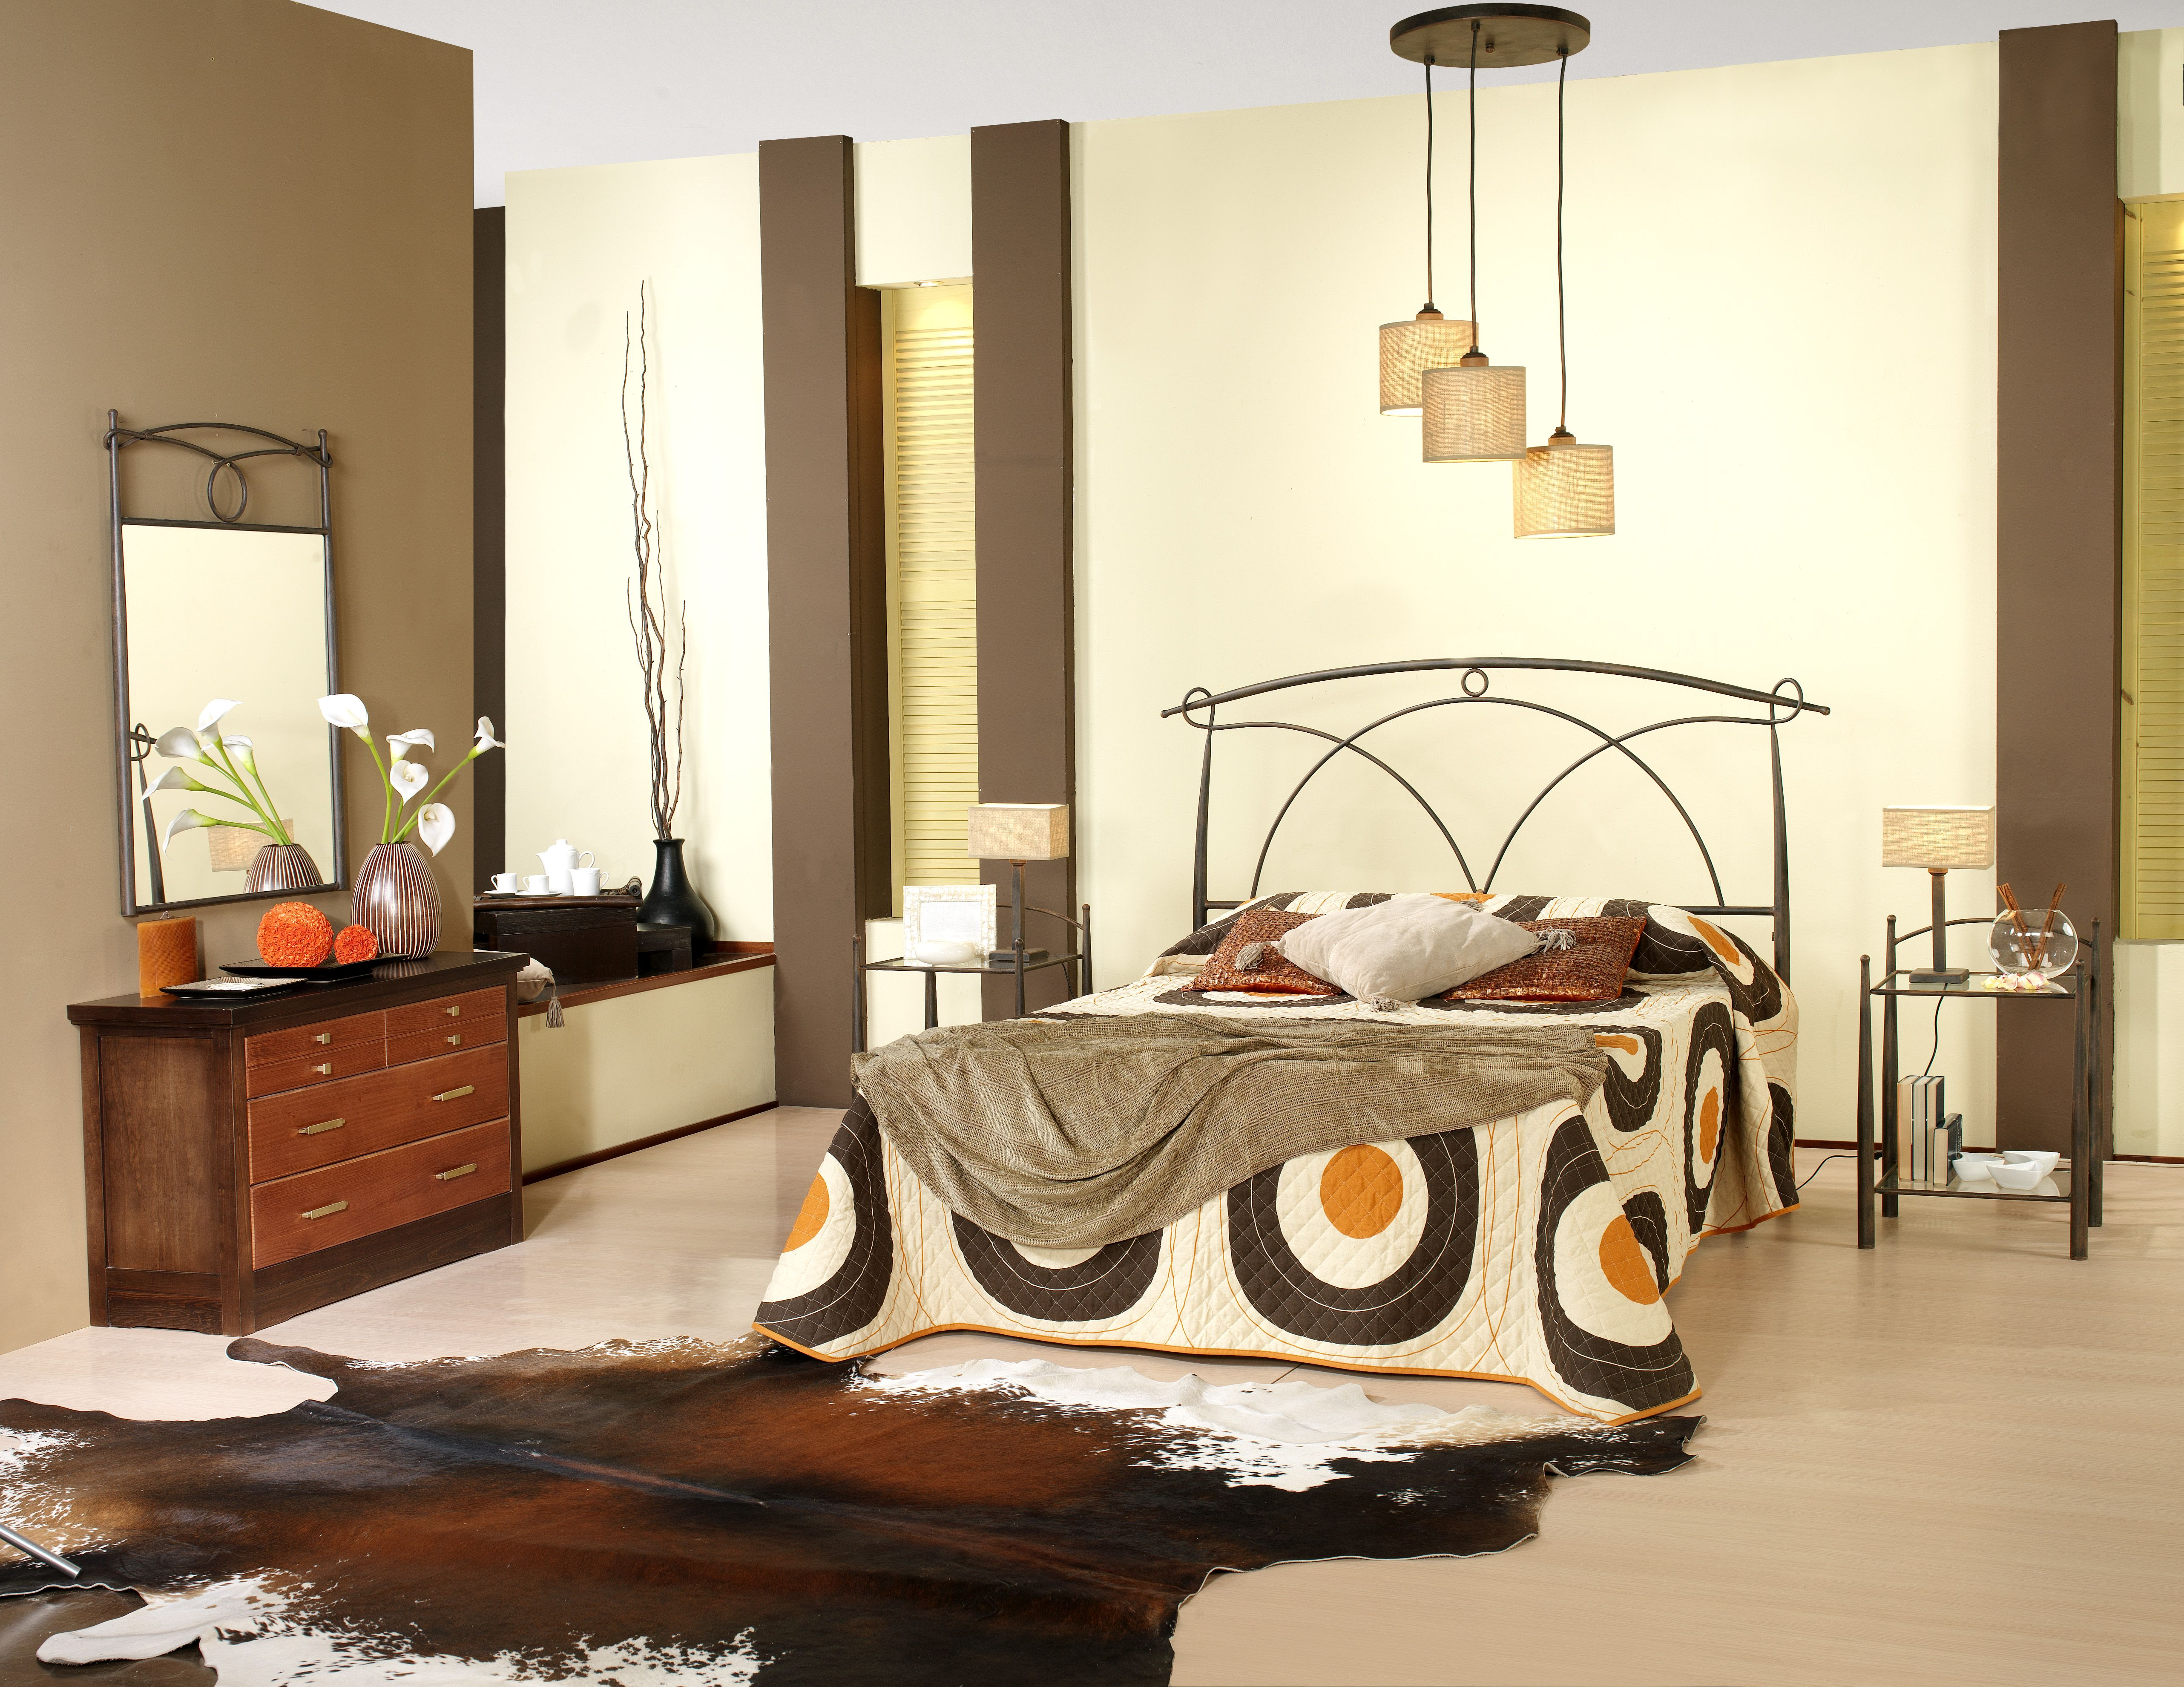 Dormitorio de forja y madera mod Orion fabricado a mano tonos de